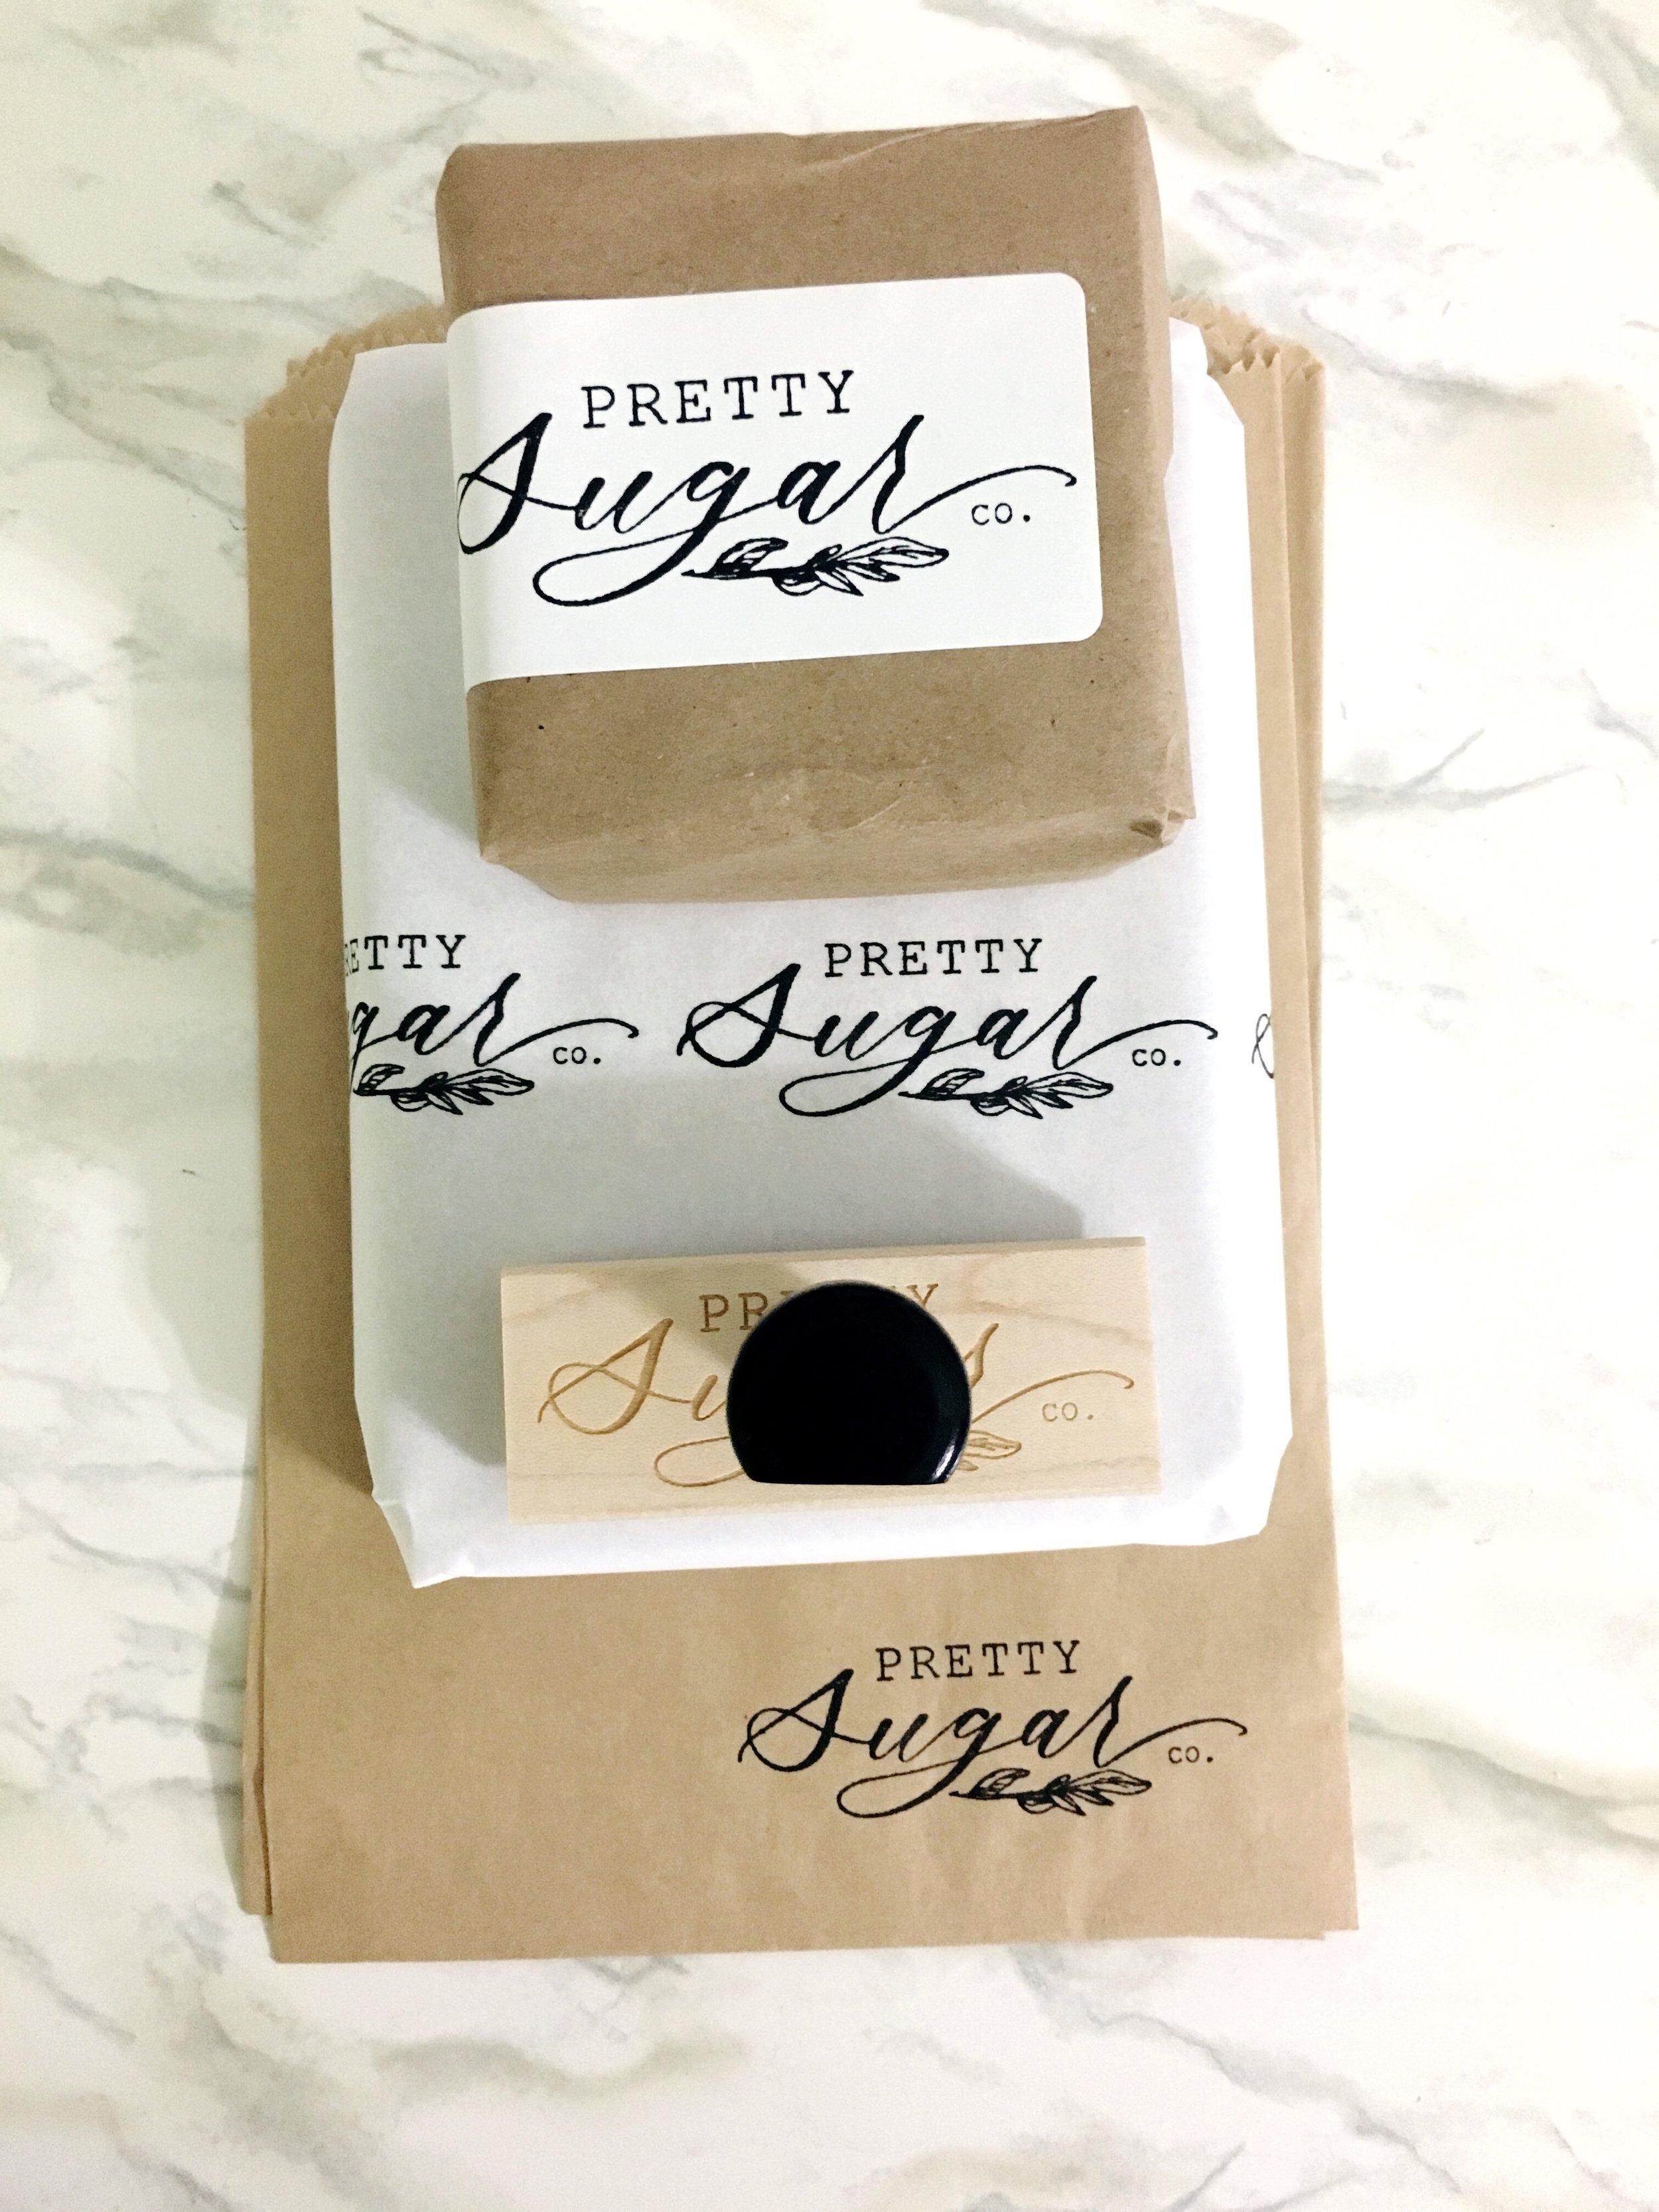 Creatiate Stamps Packaging Ideas - The Creatiate DIY Blog _0482.jpg